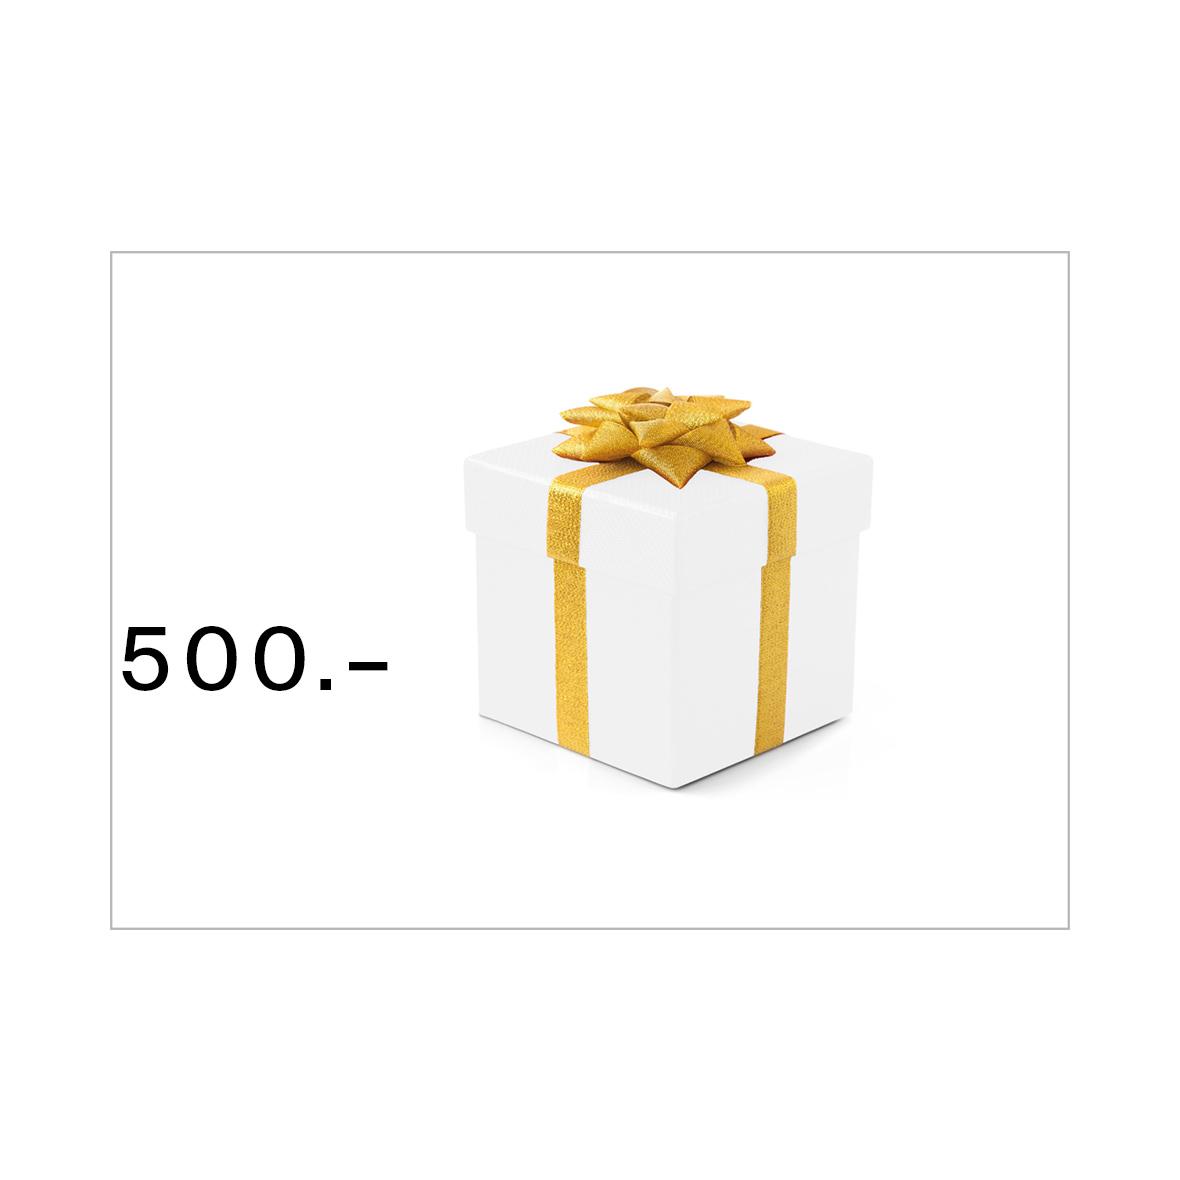 geschenkgutschein bestswiss chf 500.–